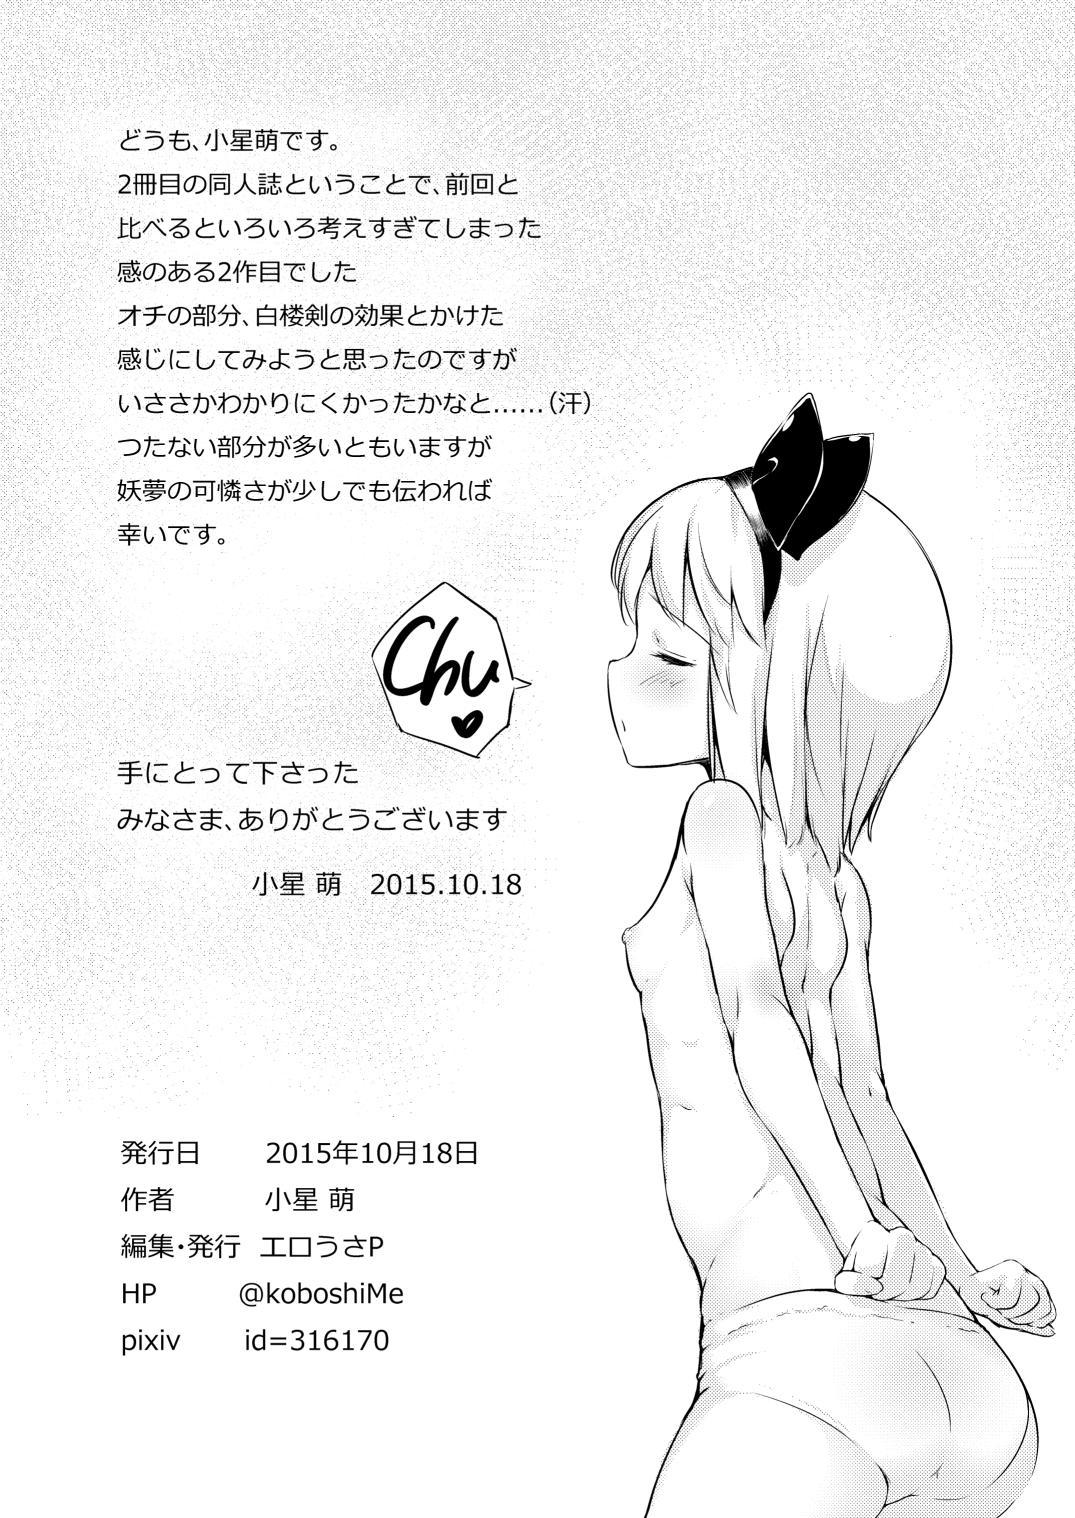 Iede Shita Niwashi no Musume ga Omoinohoka Erokatta Hanashi 19